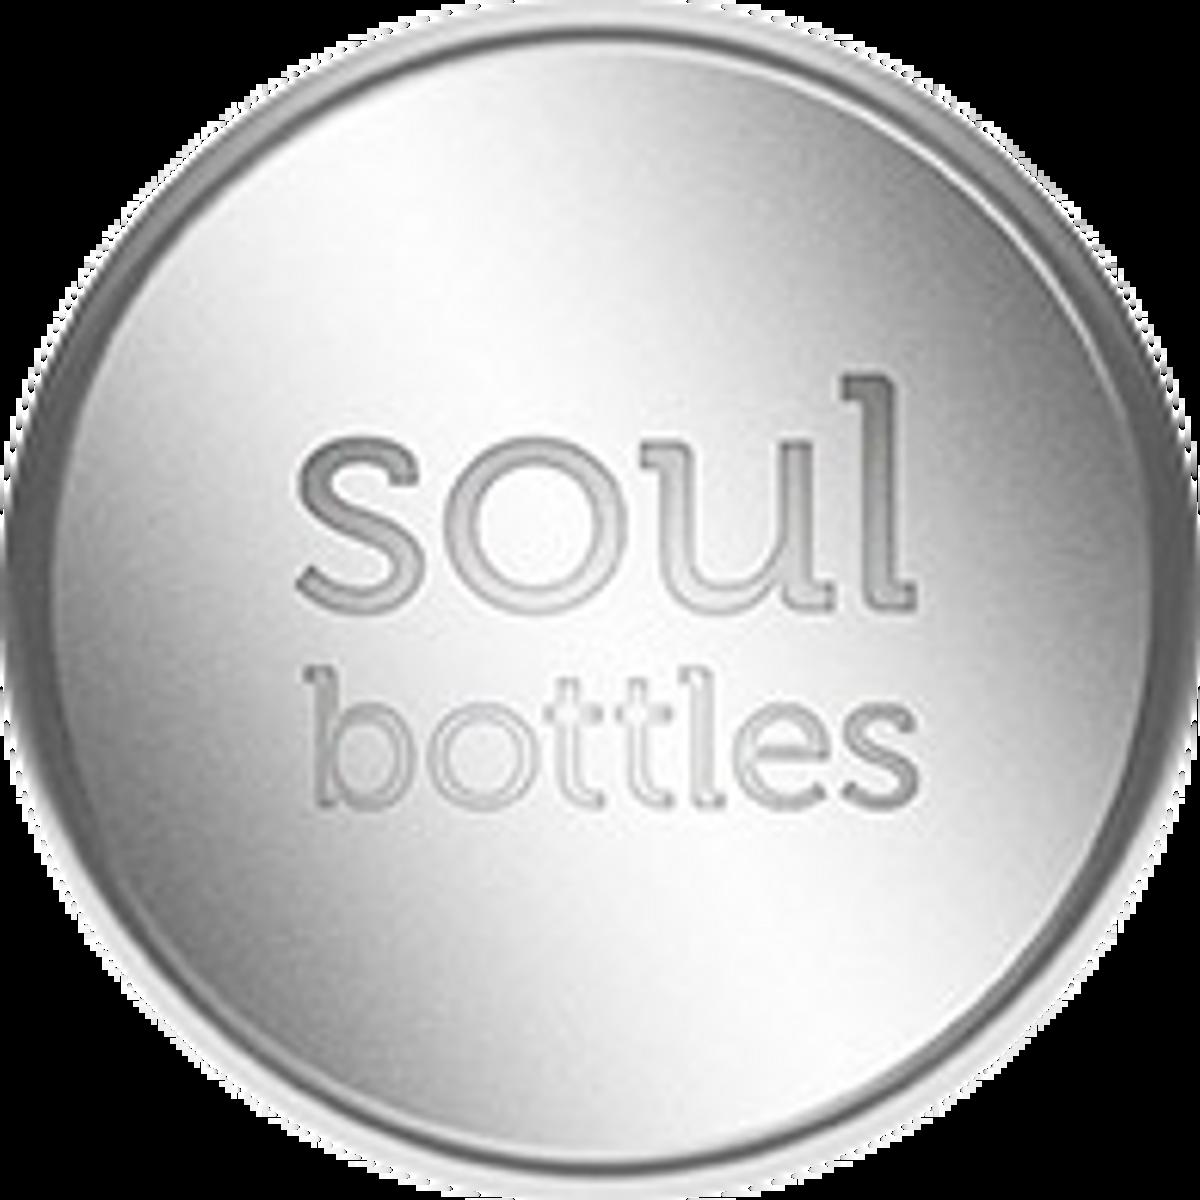 Drikkeflaske i stål, Steel 0.5l / Soulbottles